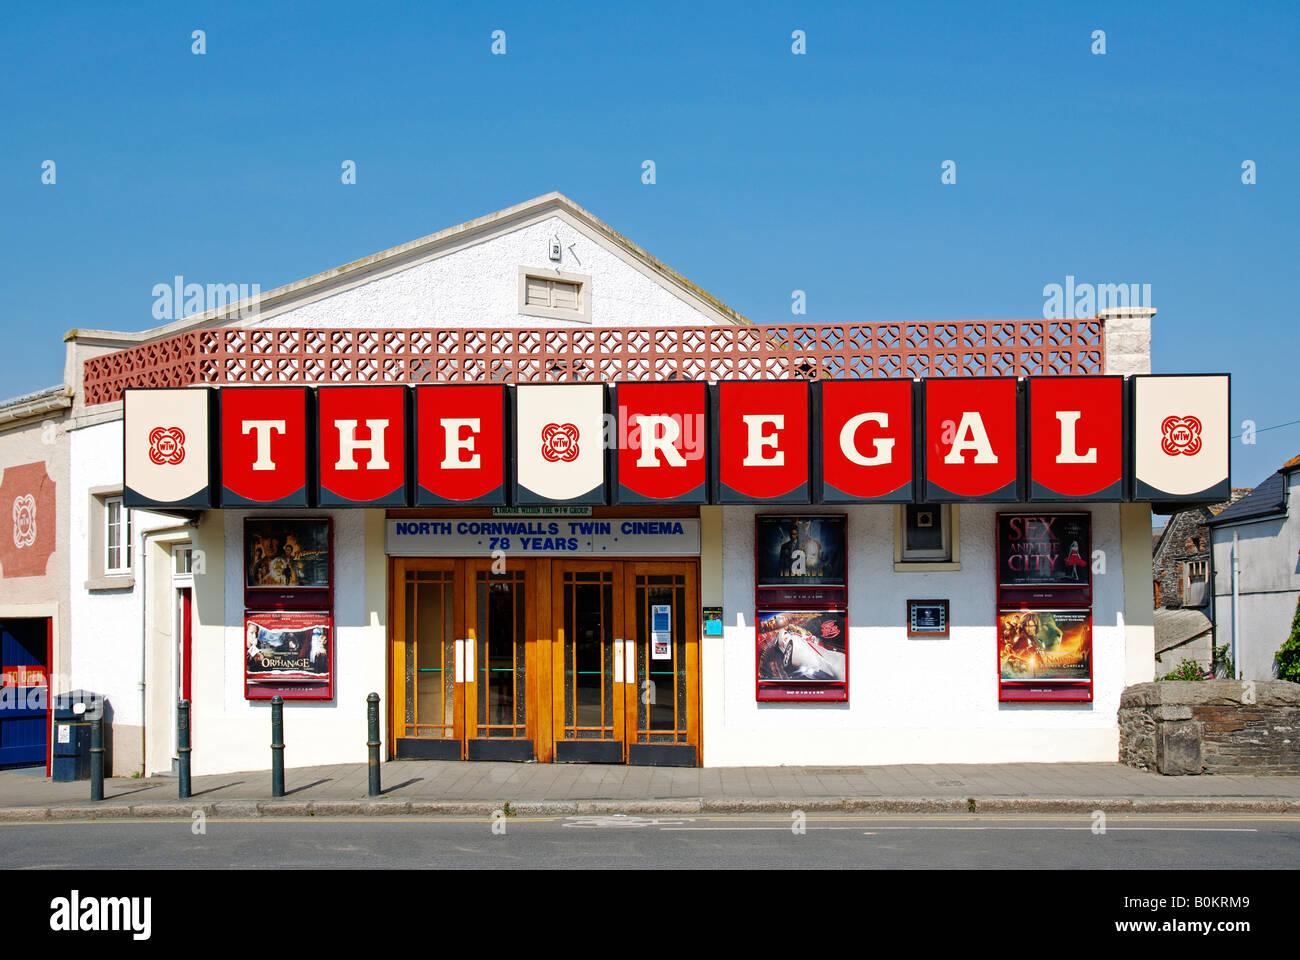 Il vecchio regal cinema a St Albans in Cornovaglia,Inghilterra Immagini Stock